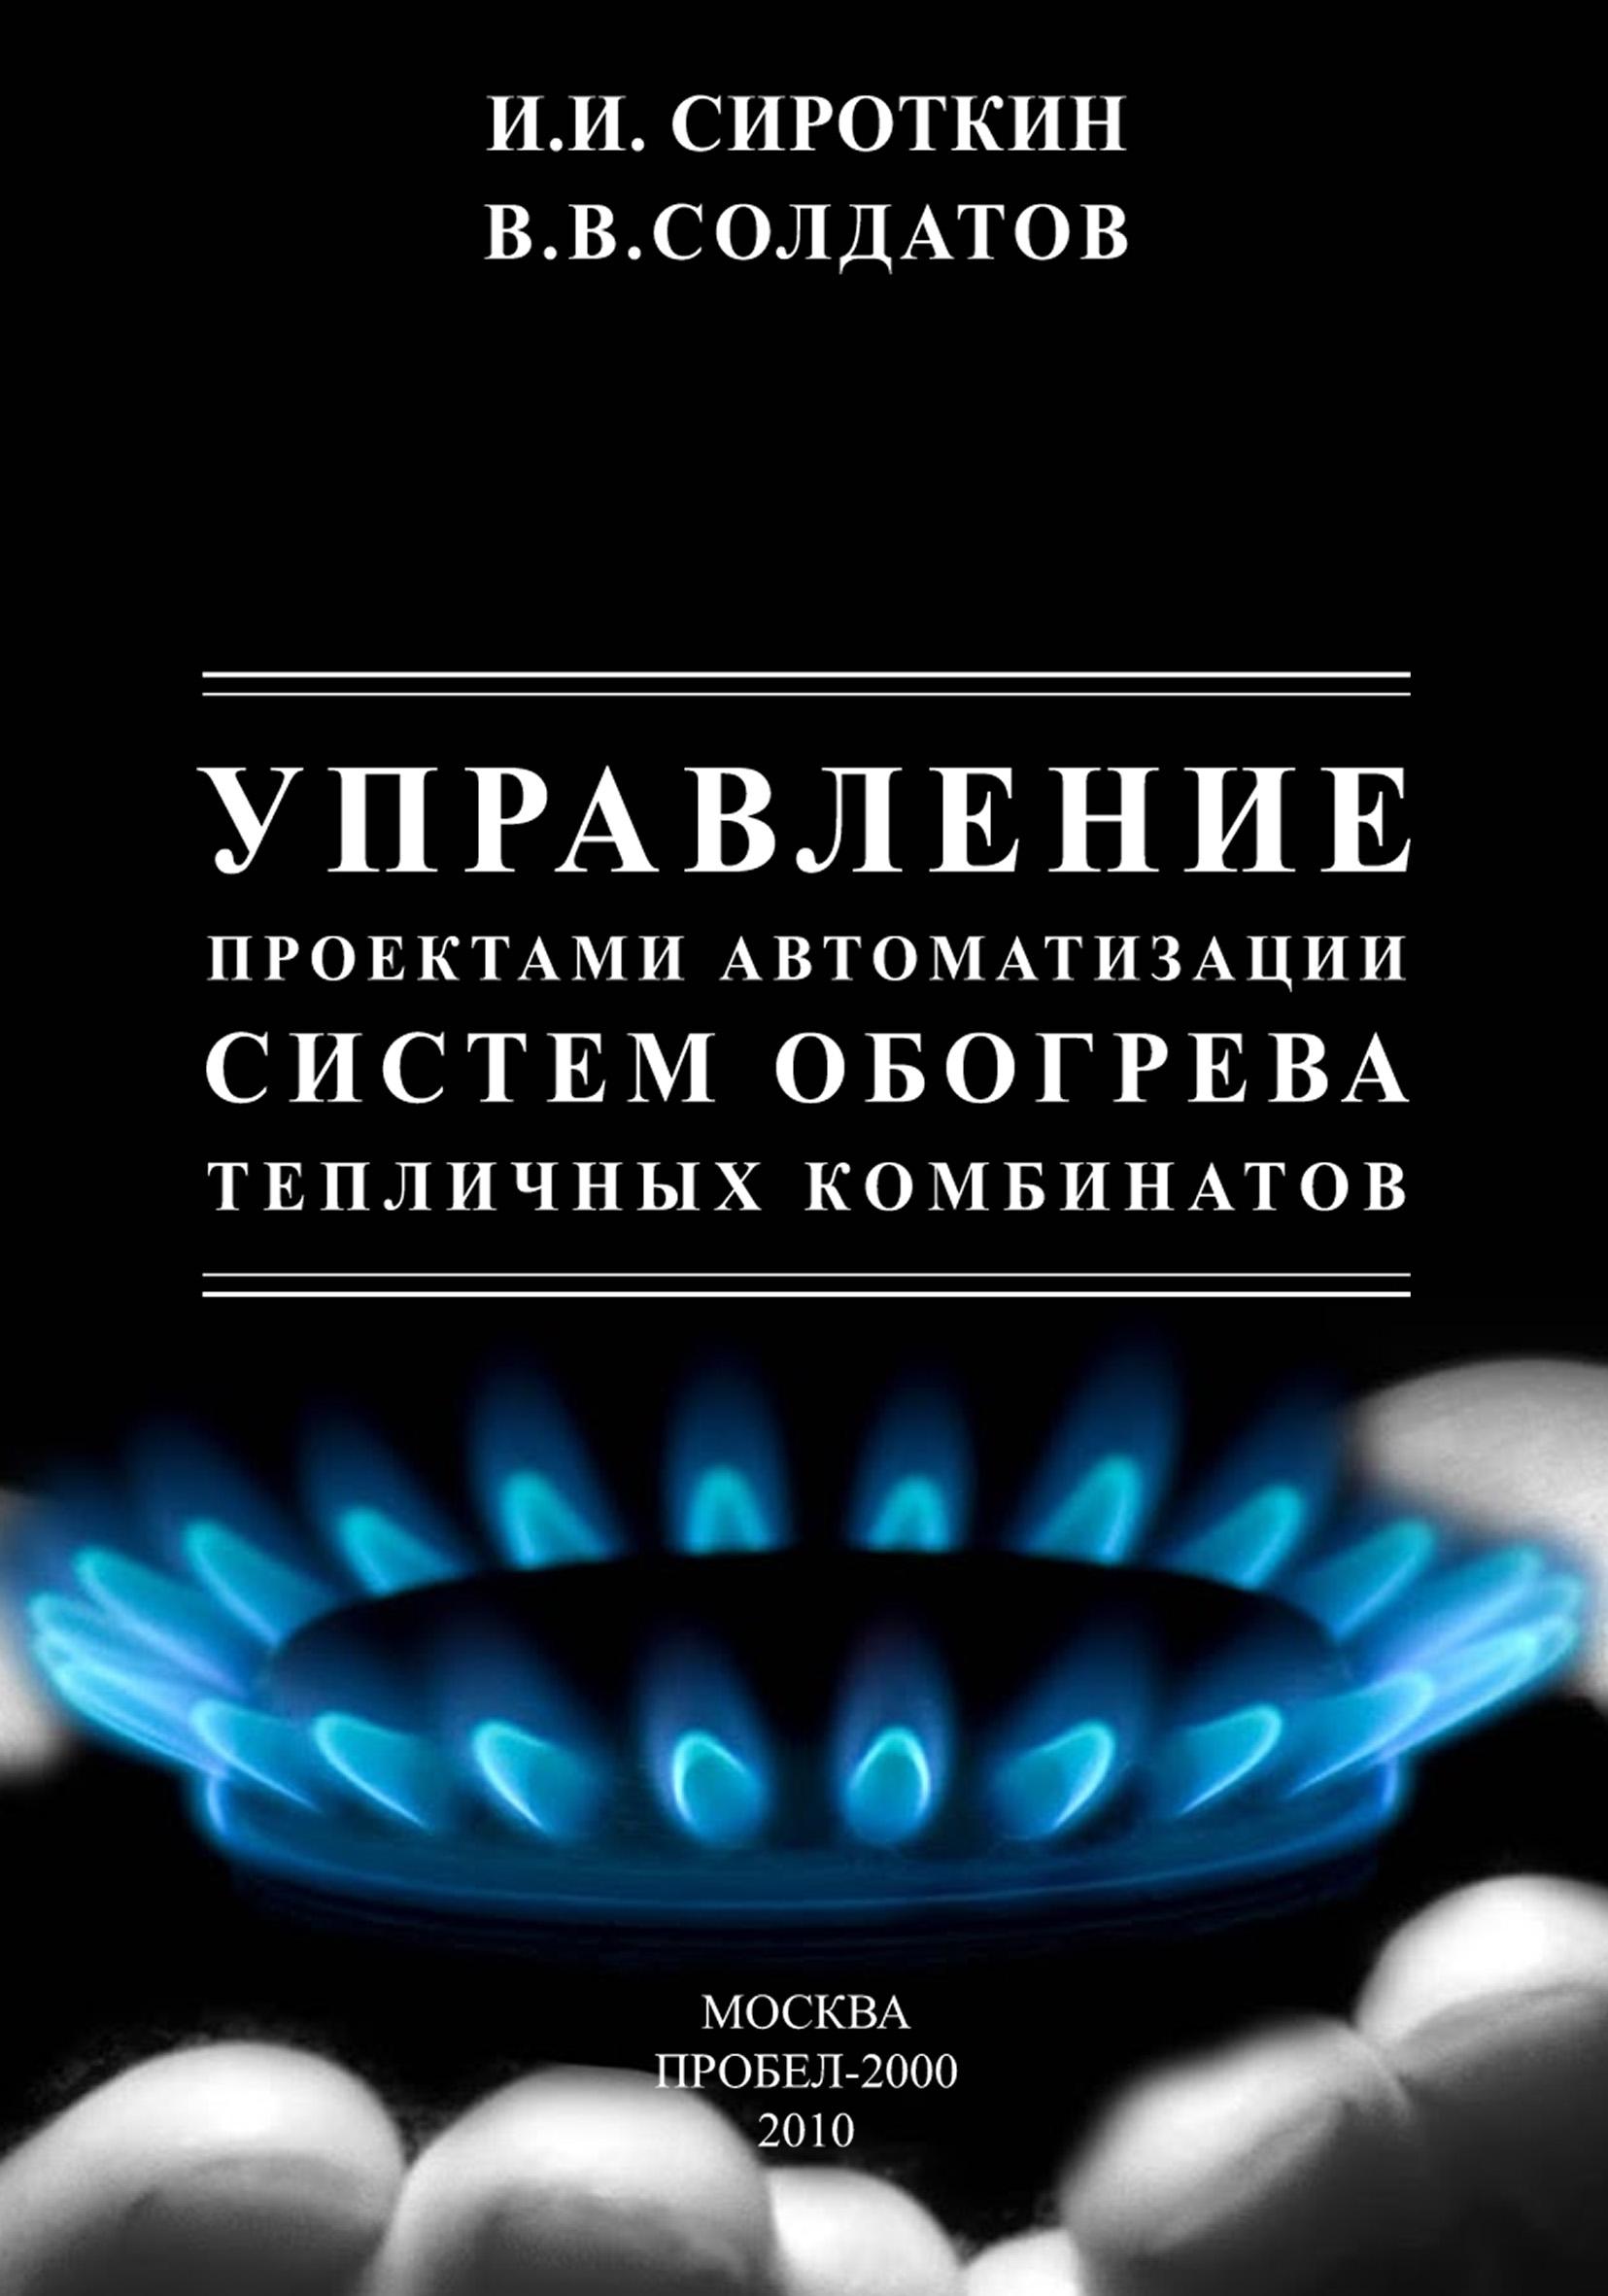 И. И. Сироткин Управление проектами автоматизации систем обогрева тепличных комбинатов